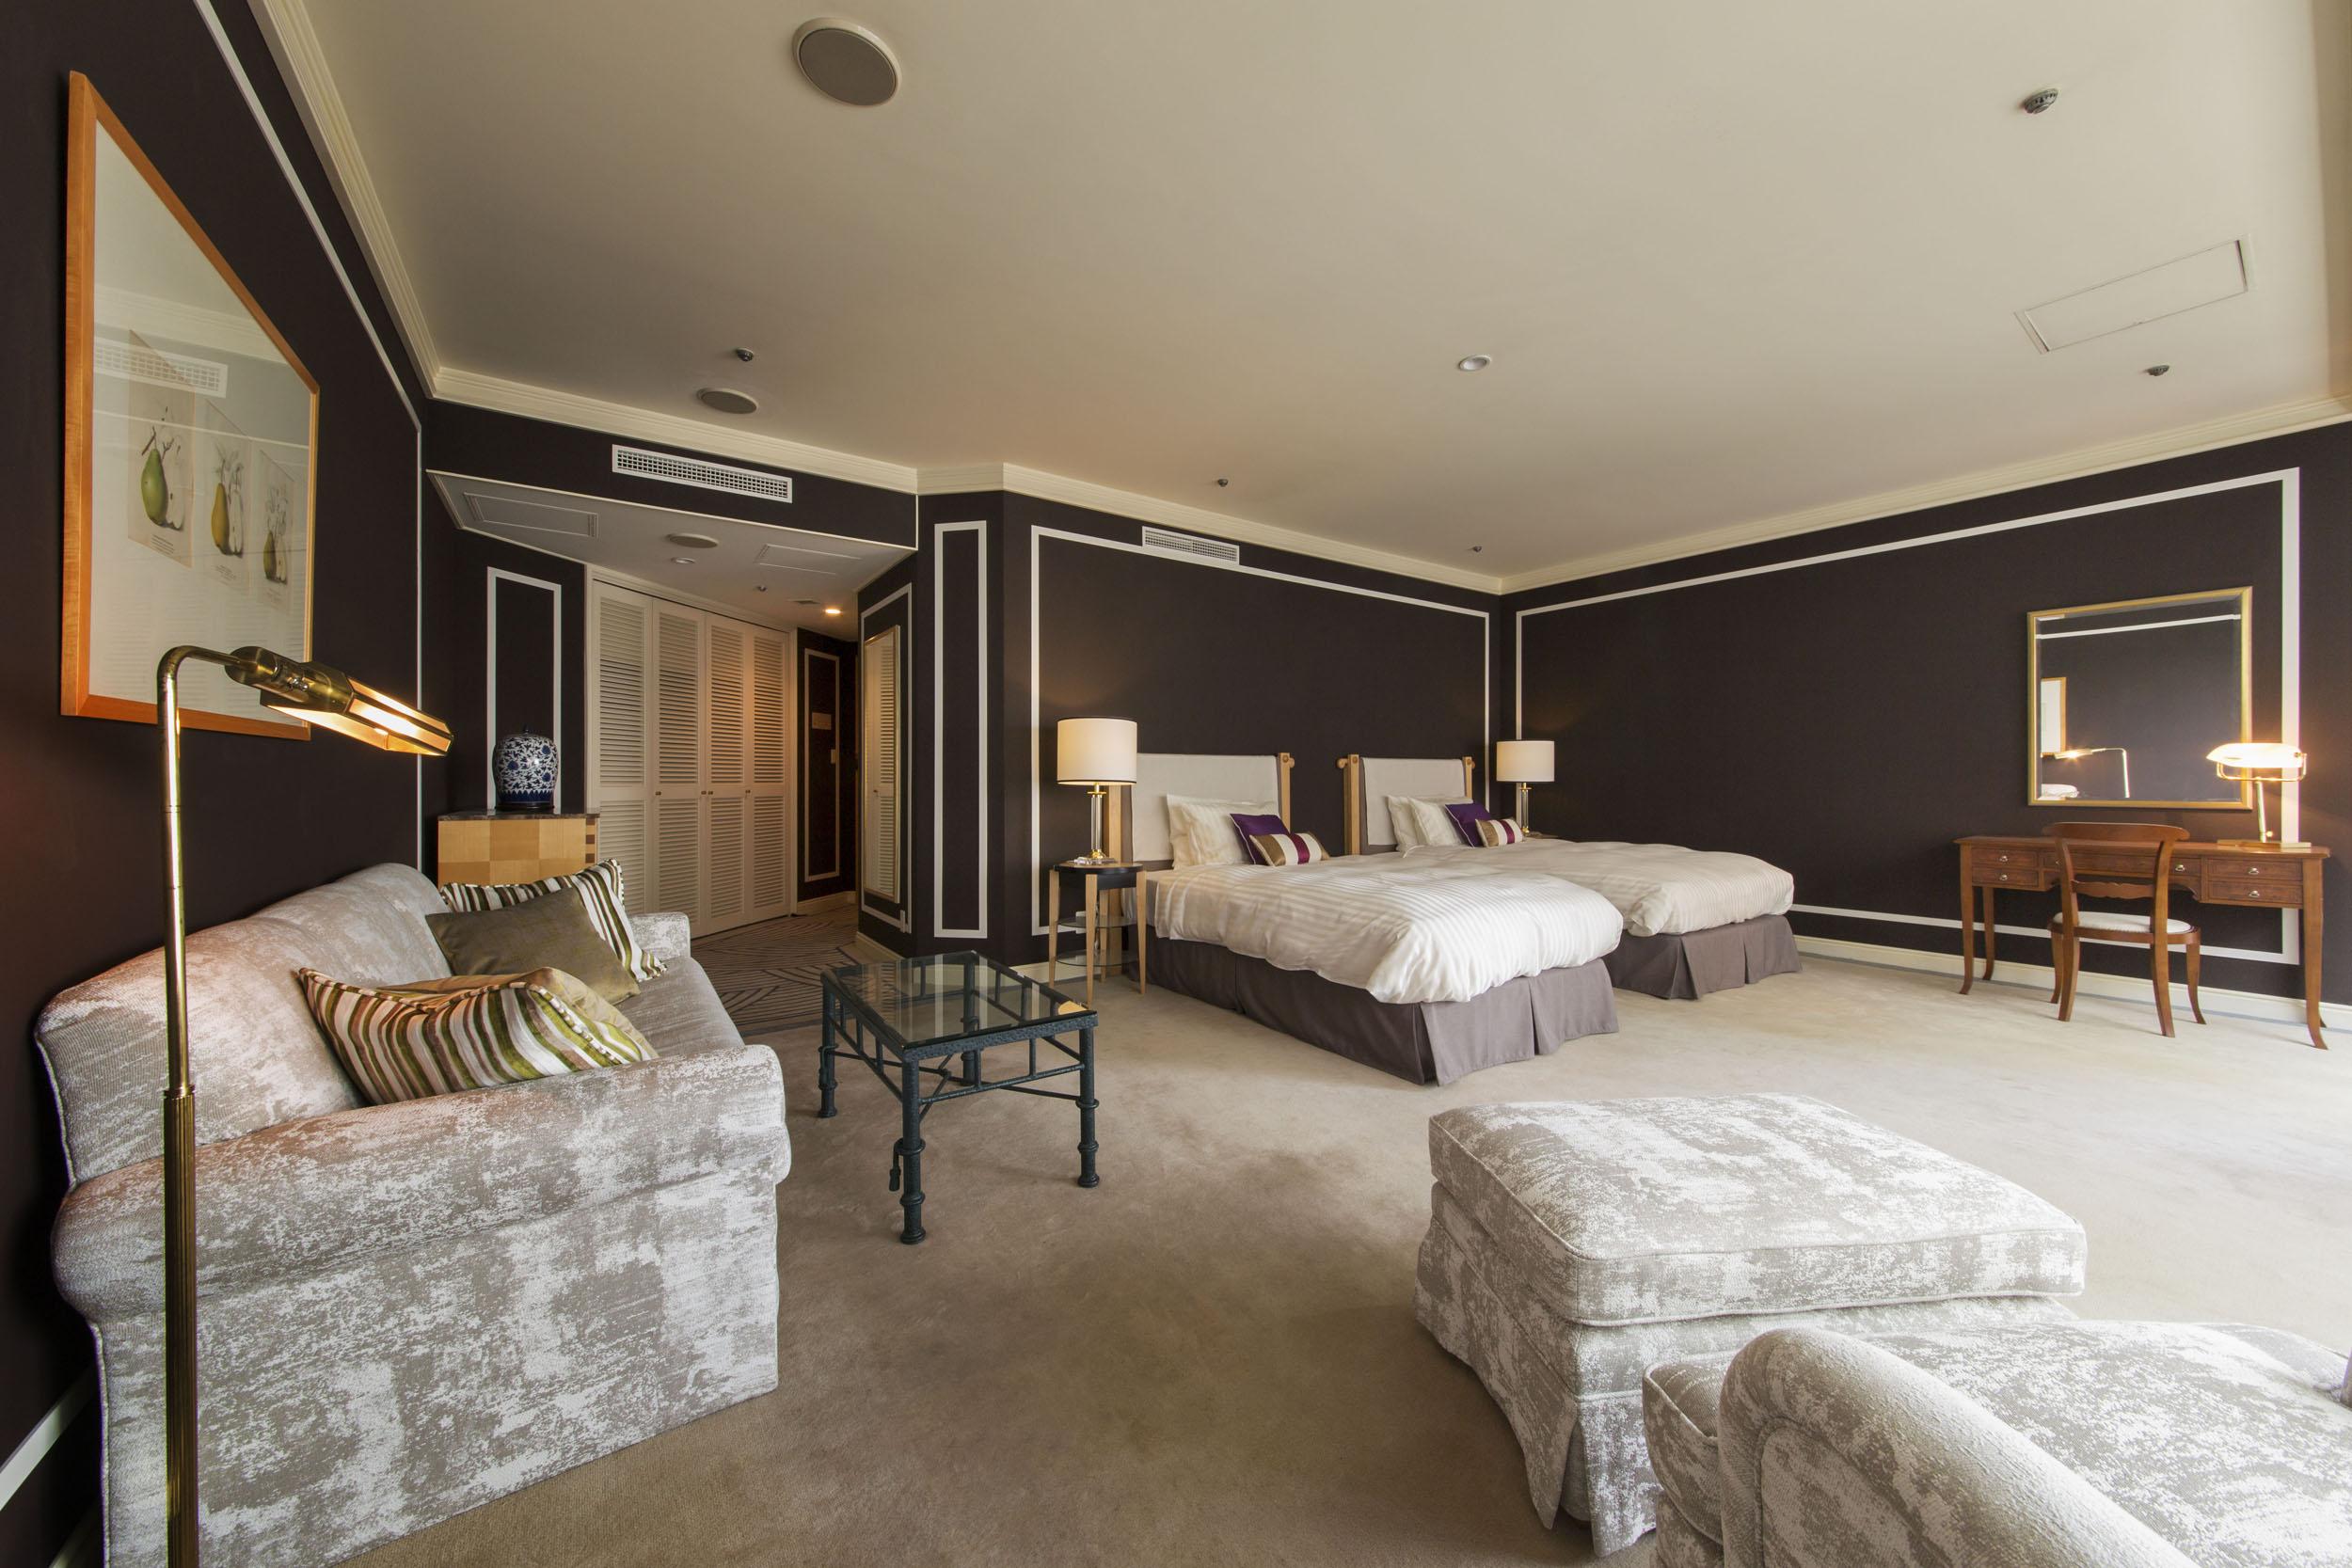 東京・青山に「ホテルアラマンダ青山」が6月開業へ、ユニマットの上質ブランドで